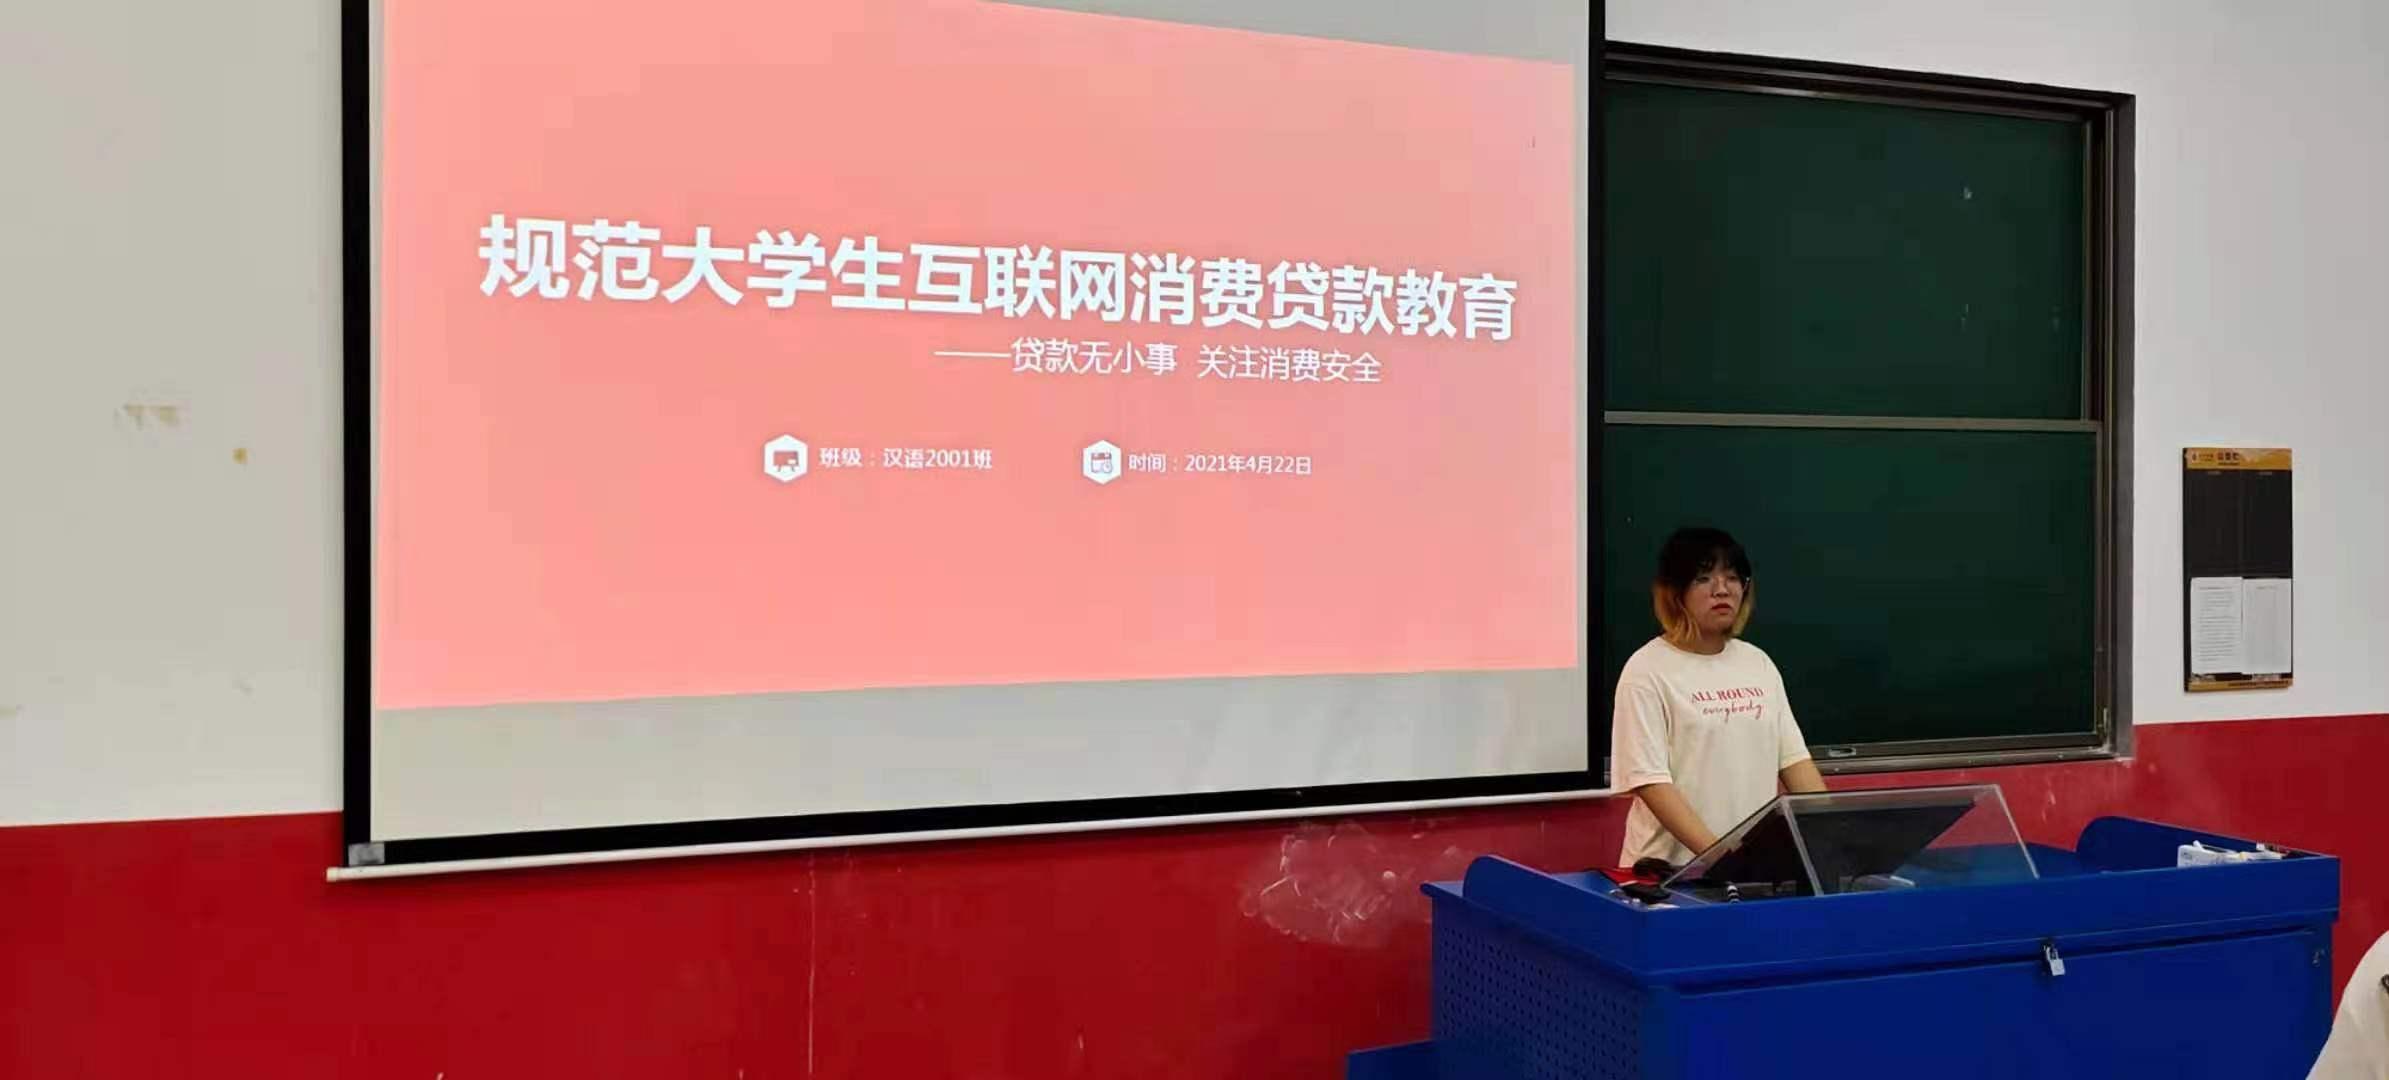 """网络贷款无小事,理性消费更重要 ——汉语2001班""""规范大学生互联网消费贷款教育""""主题班会"""